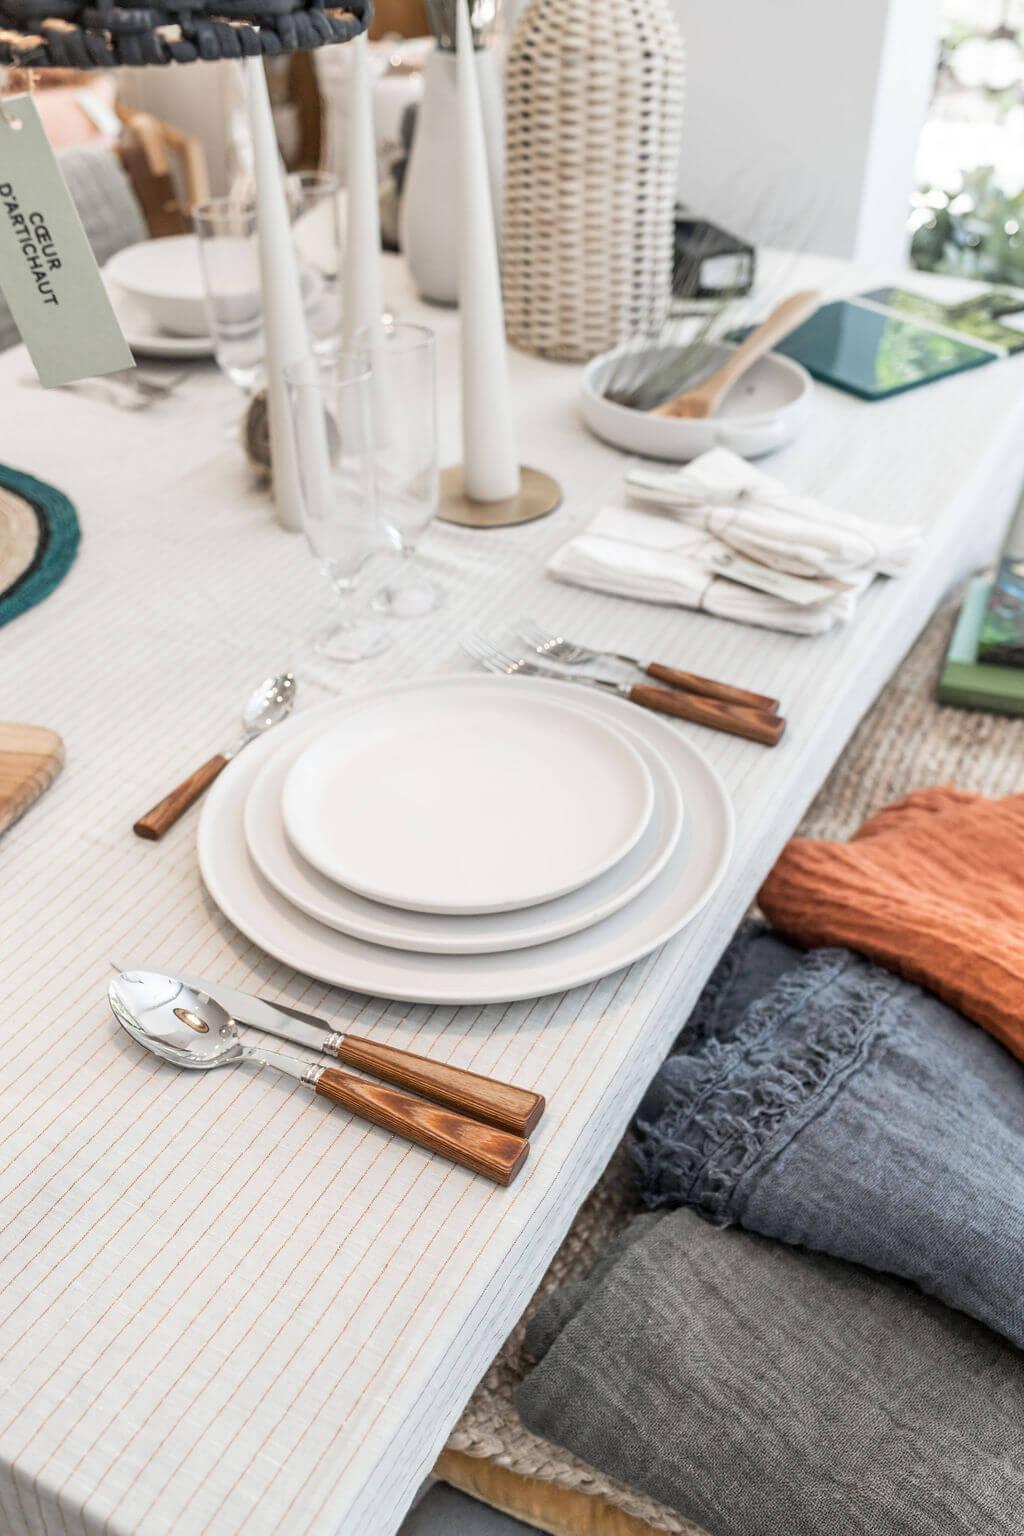 table manger vaisselle ceramique couvert sabre.jpg